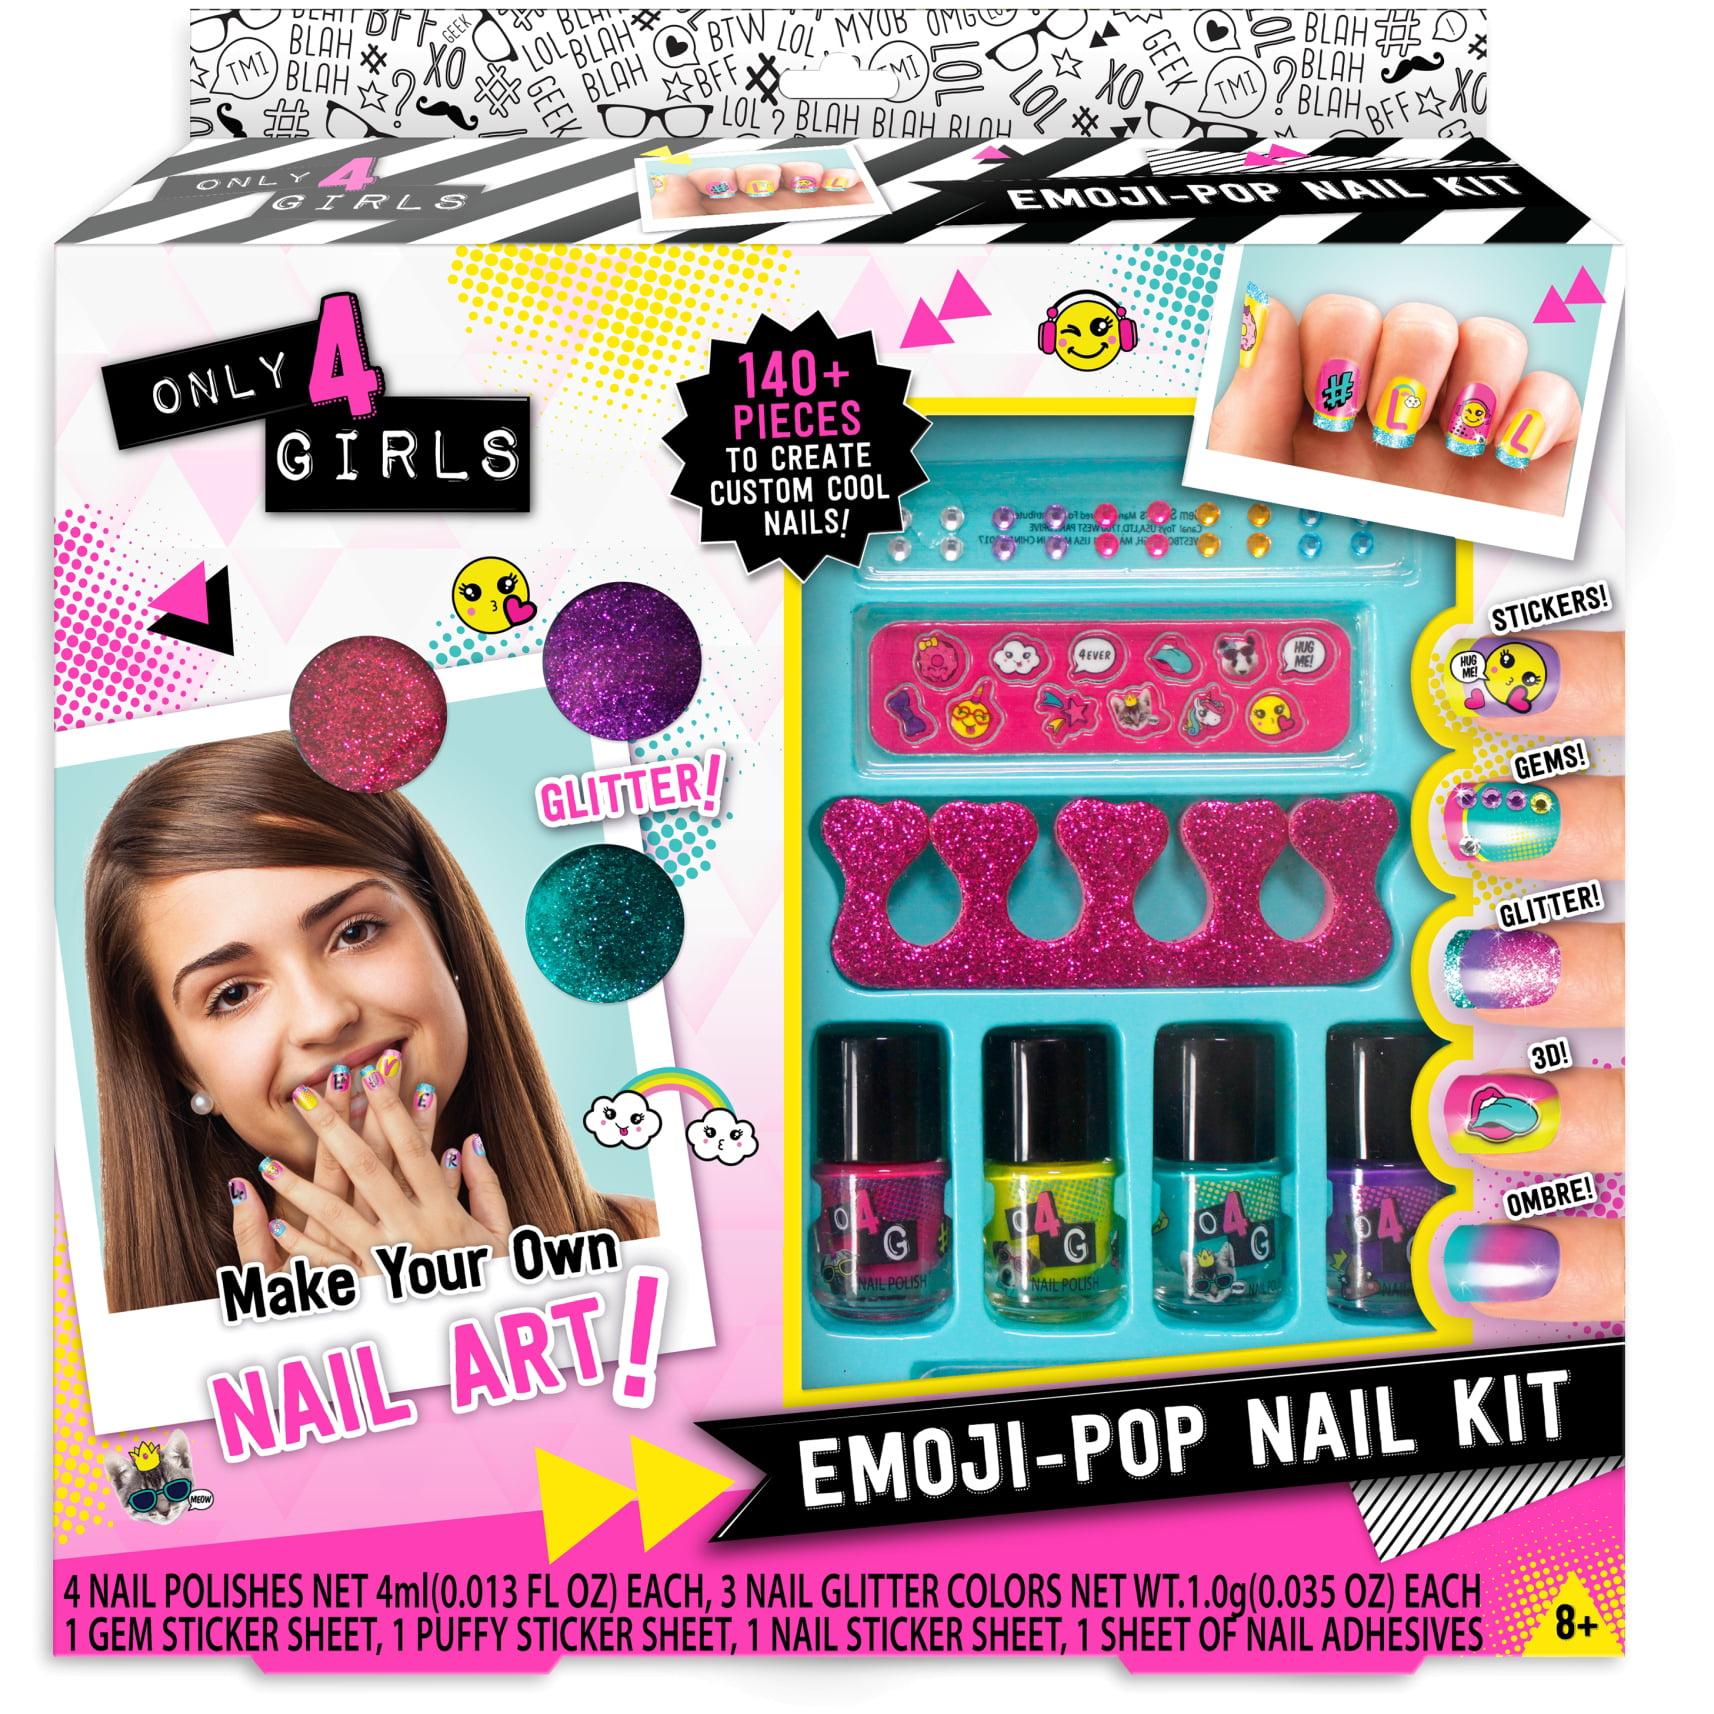 Only 4 Girls Emoji Pop Nail Kit